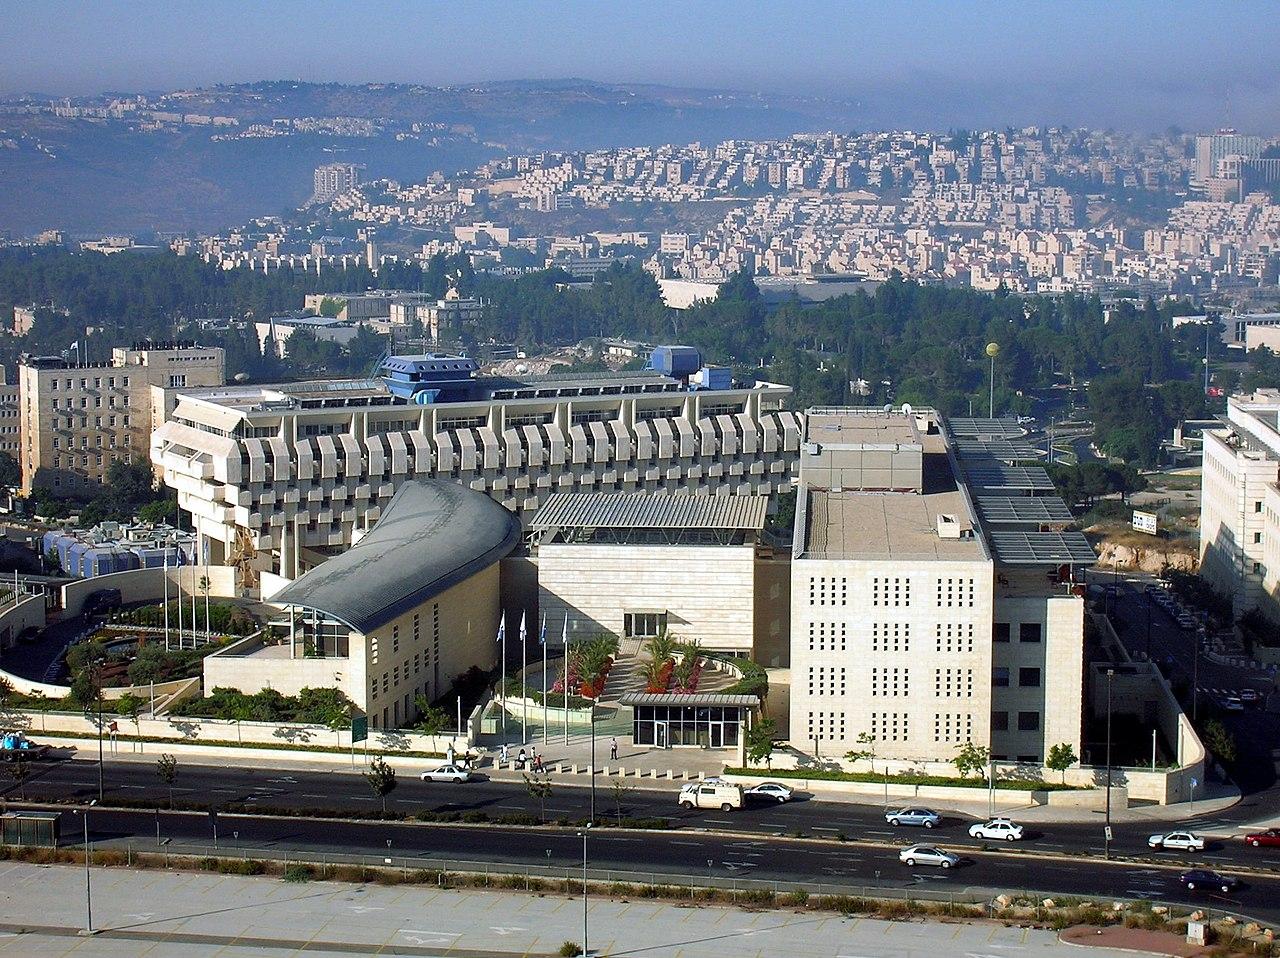 关闭所有海外使领馆 以色列外交部罢工并非首次